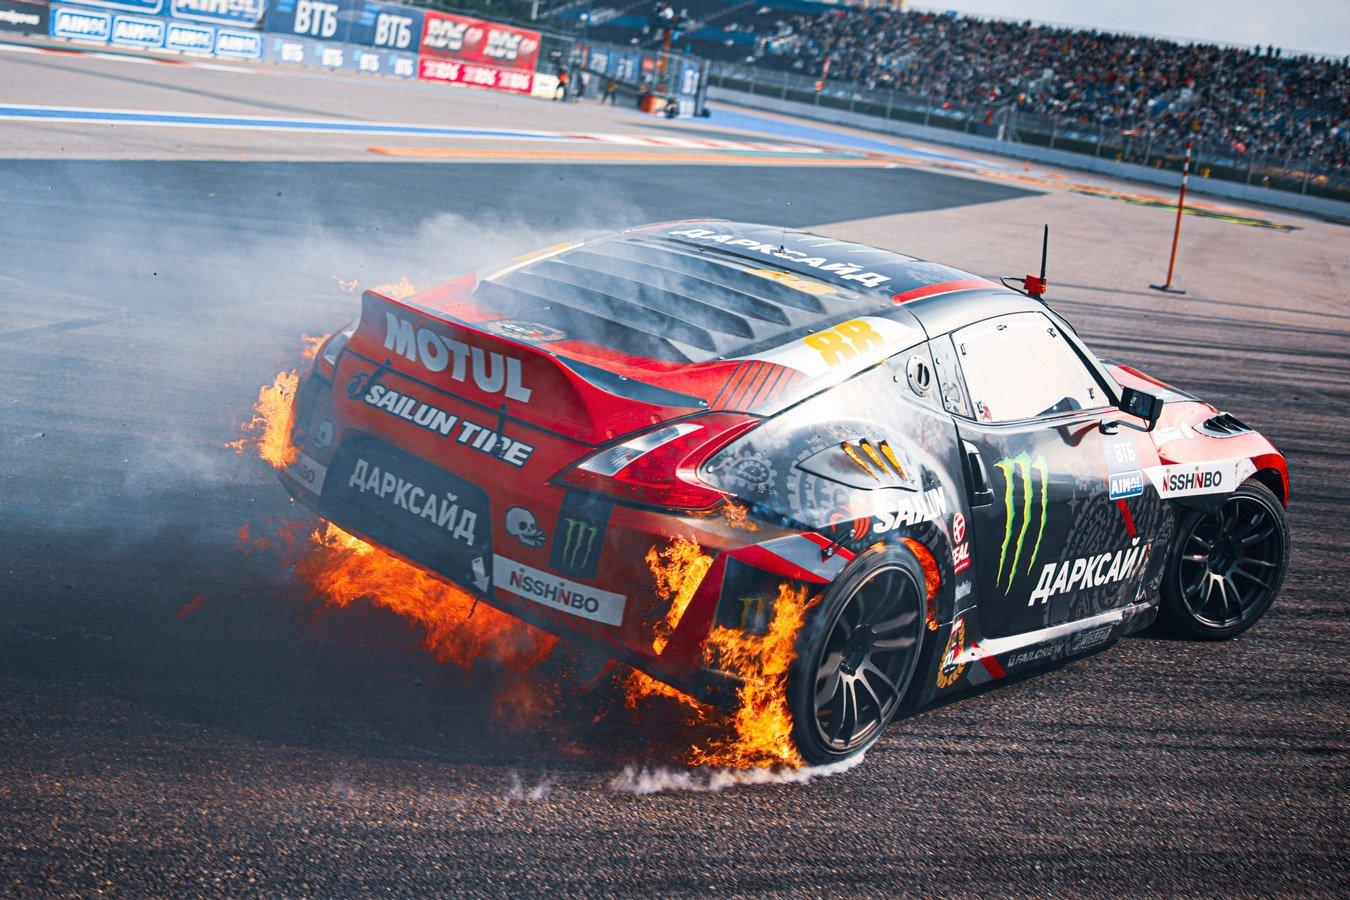 RDS GP-2021: итоги чемпионата и главные события